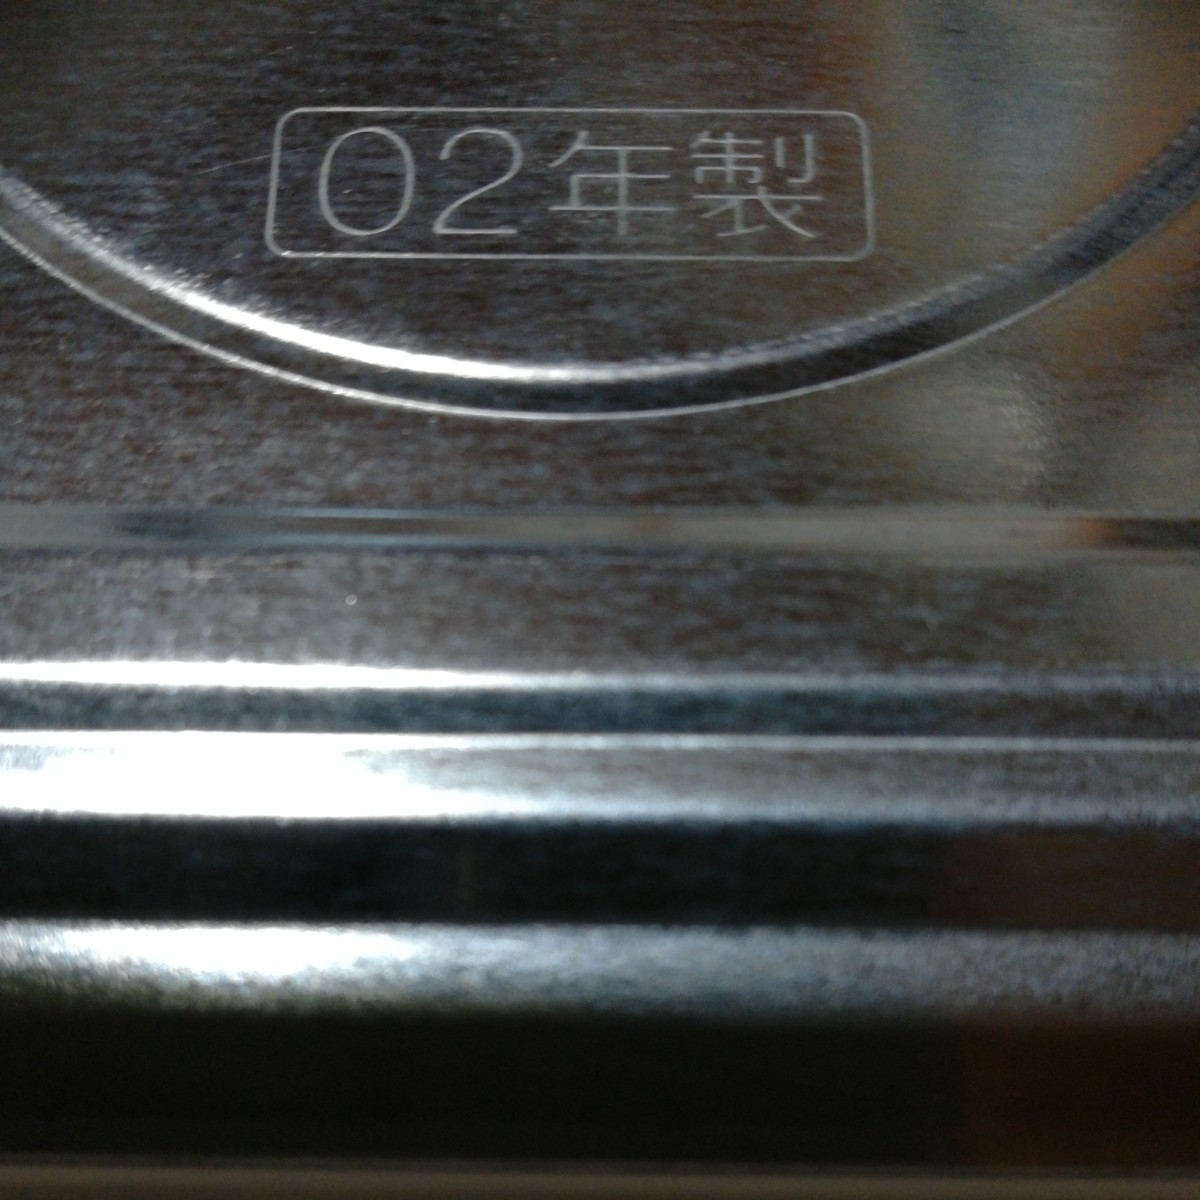 ナショナル NC -ECE 22-ZY (ヨコハマ) マイコン沸騰ジャーポット